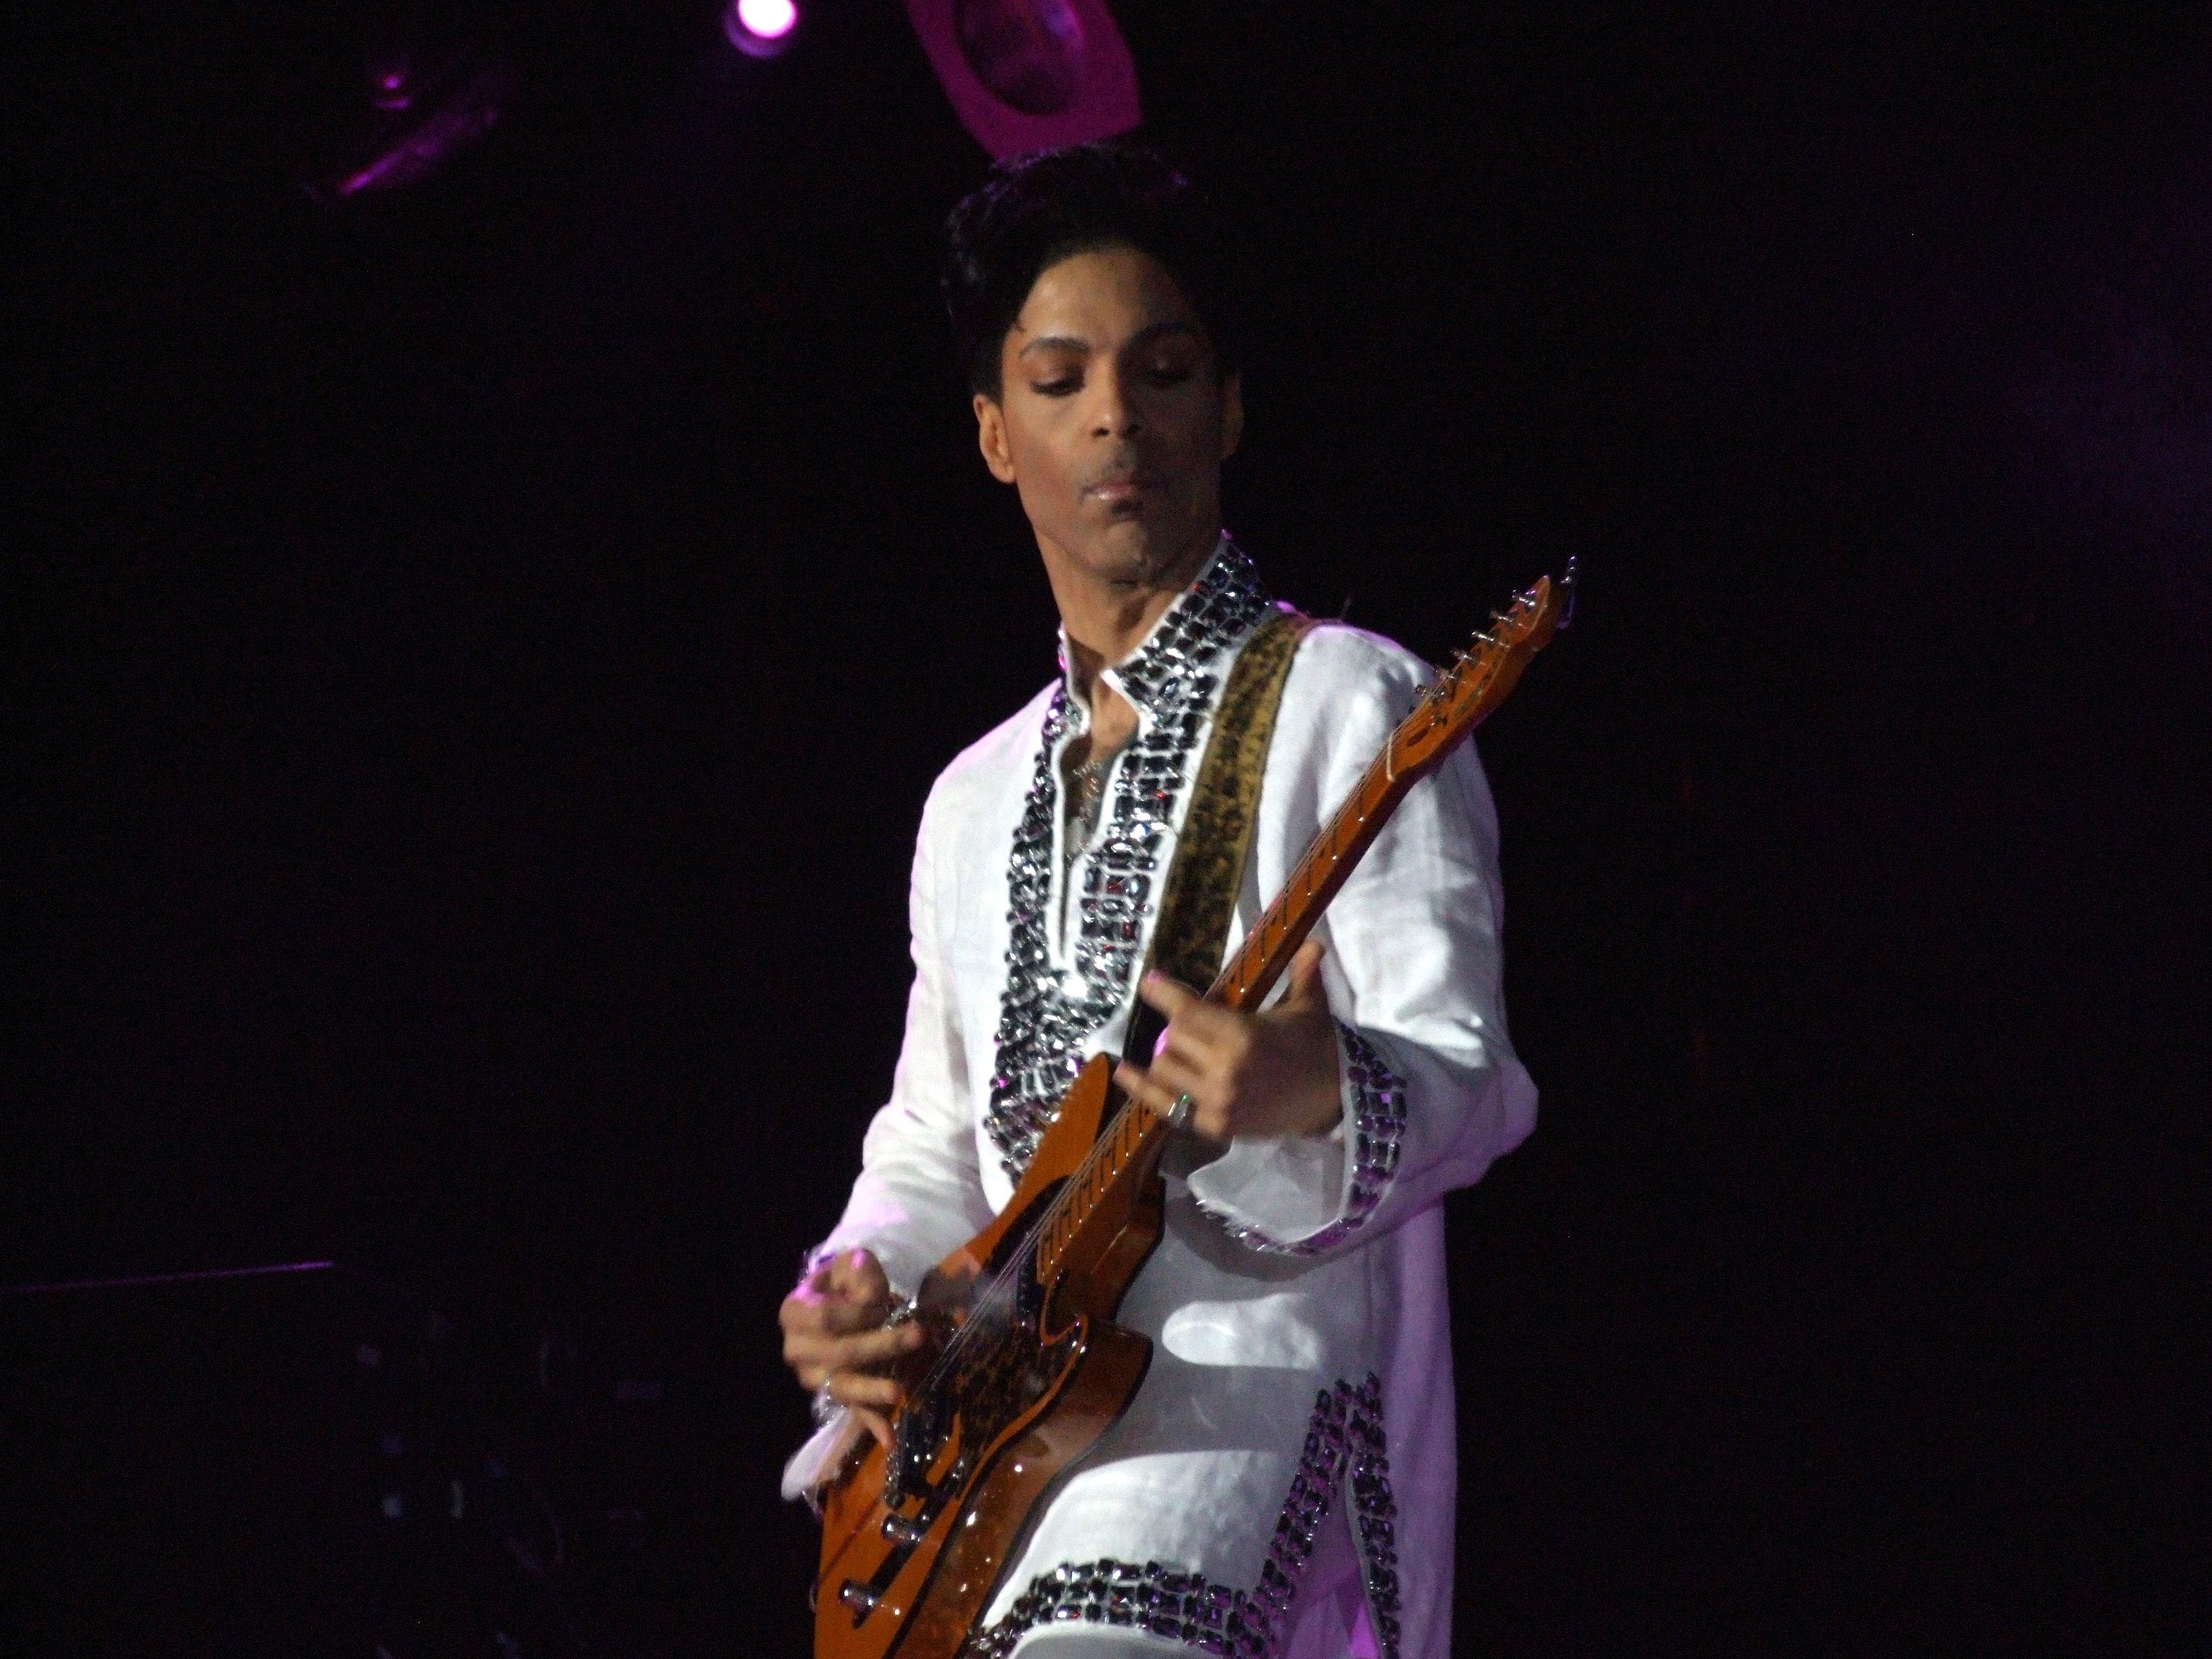 Le canzoni più scaricate di Prince